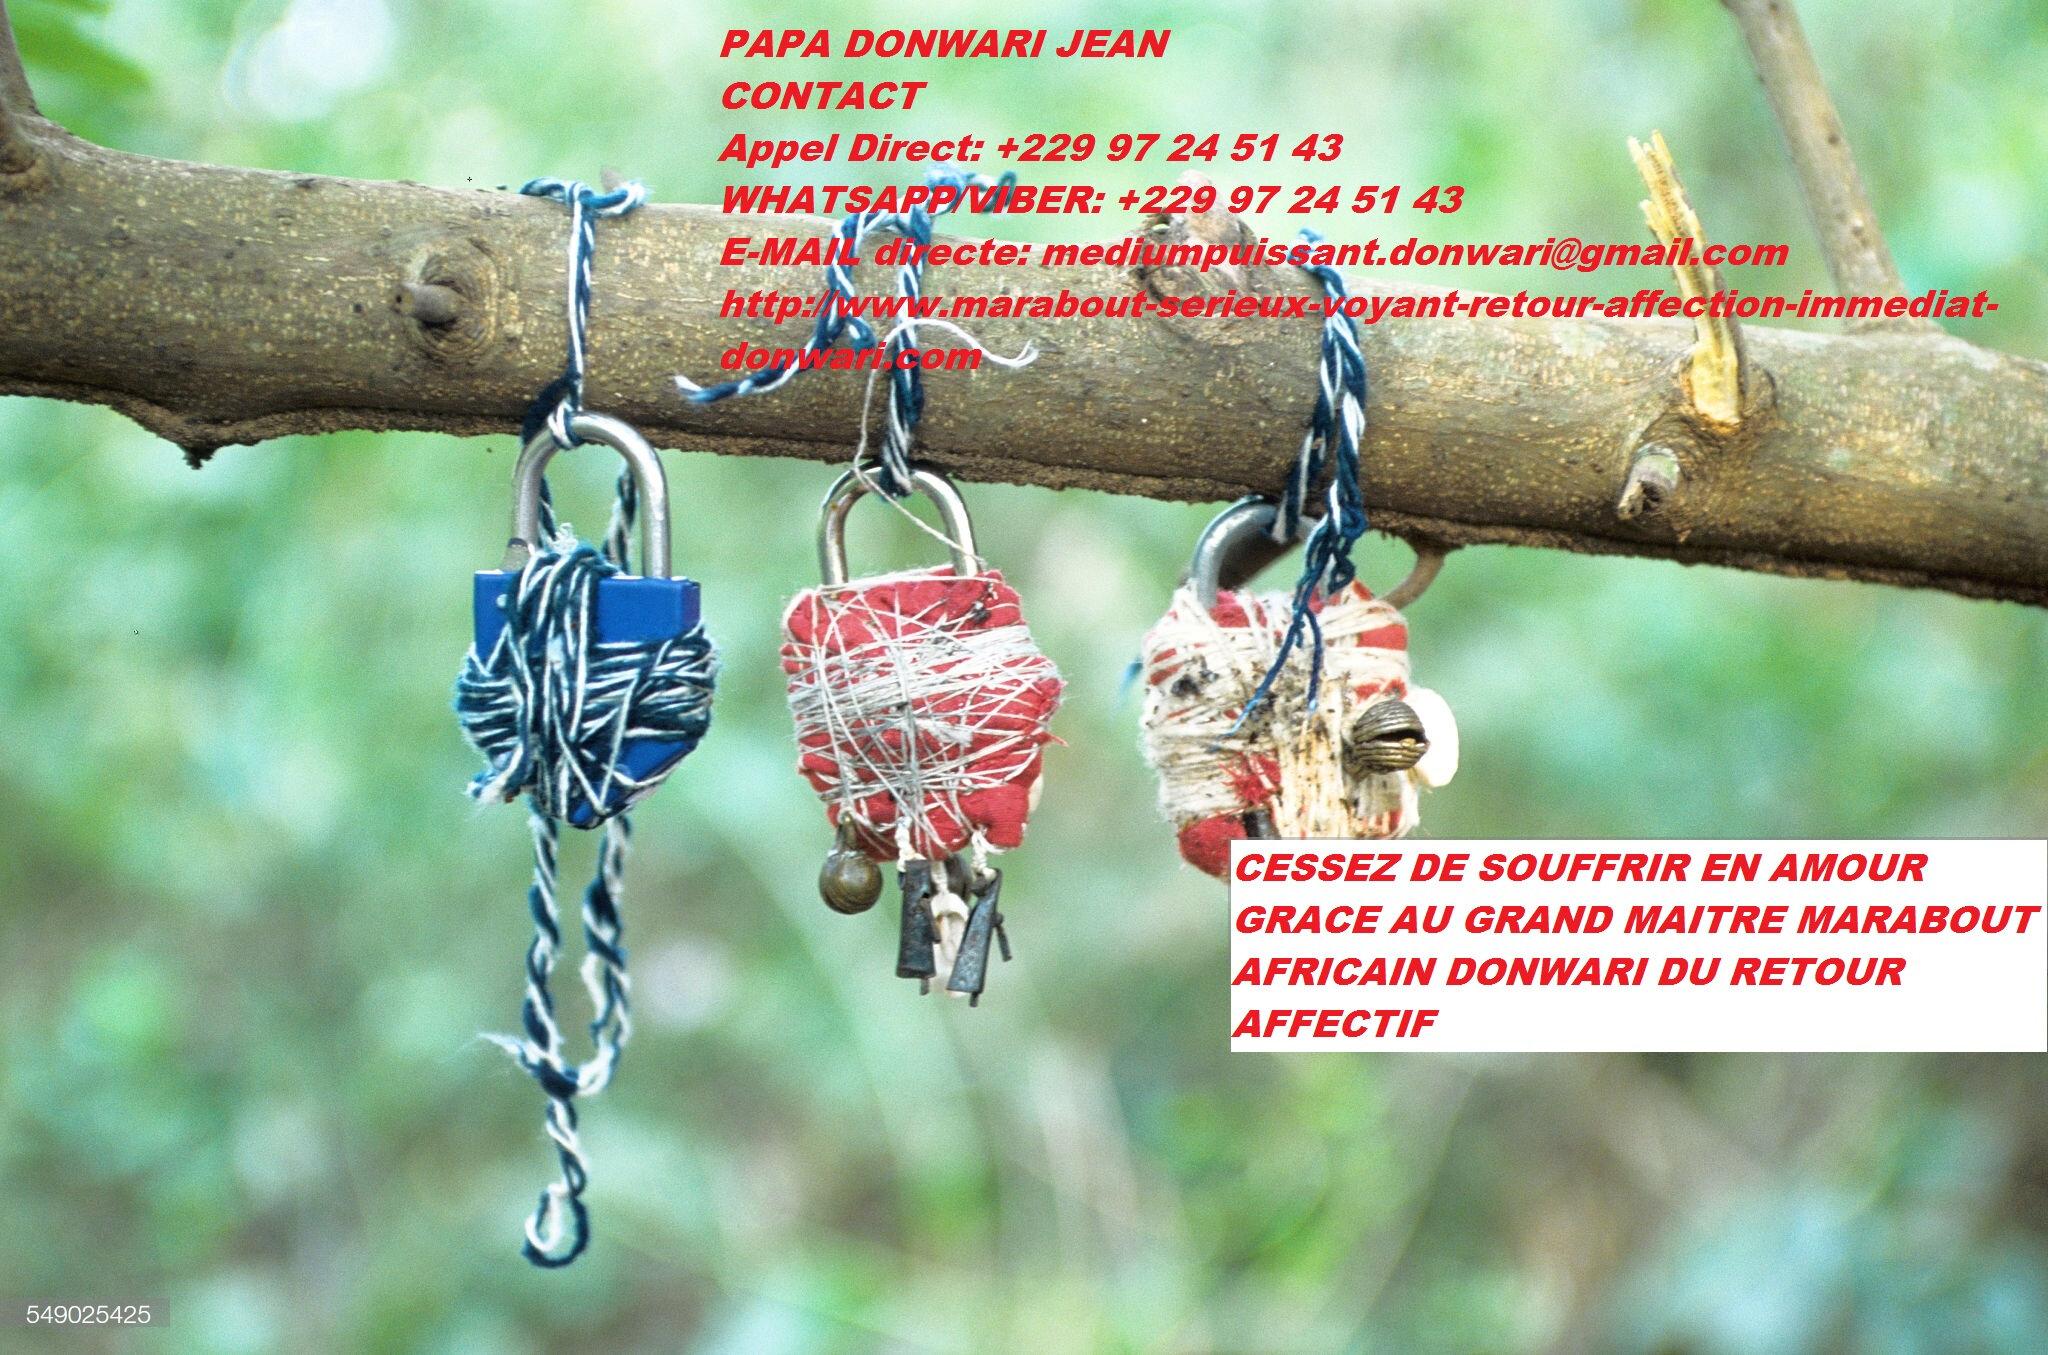 CESSEZ DE SOUFFRIR EN AMOUR GRACE AU GRAND MAÎTRE MARABOUT AFRICAIN DONWARI DU RETOUR AFFECTIF